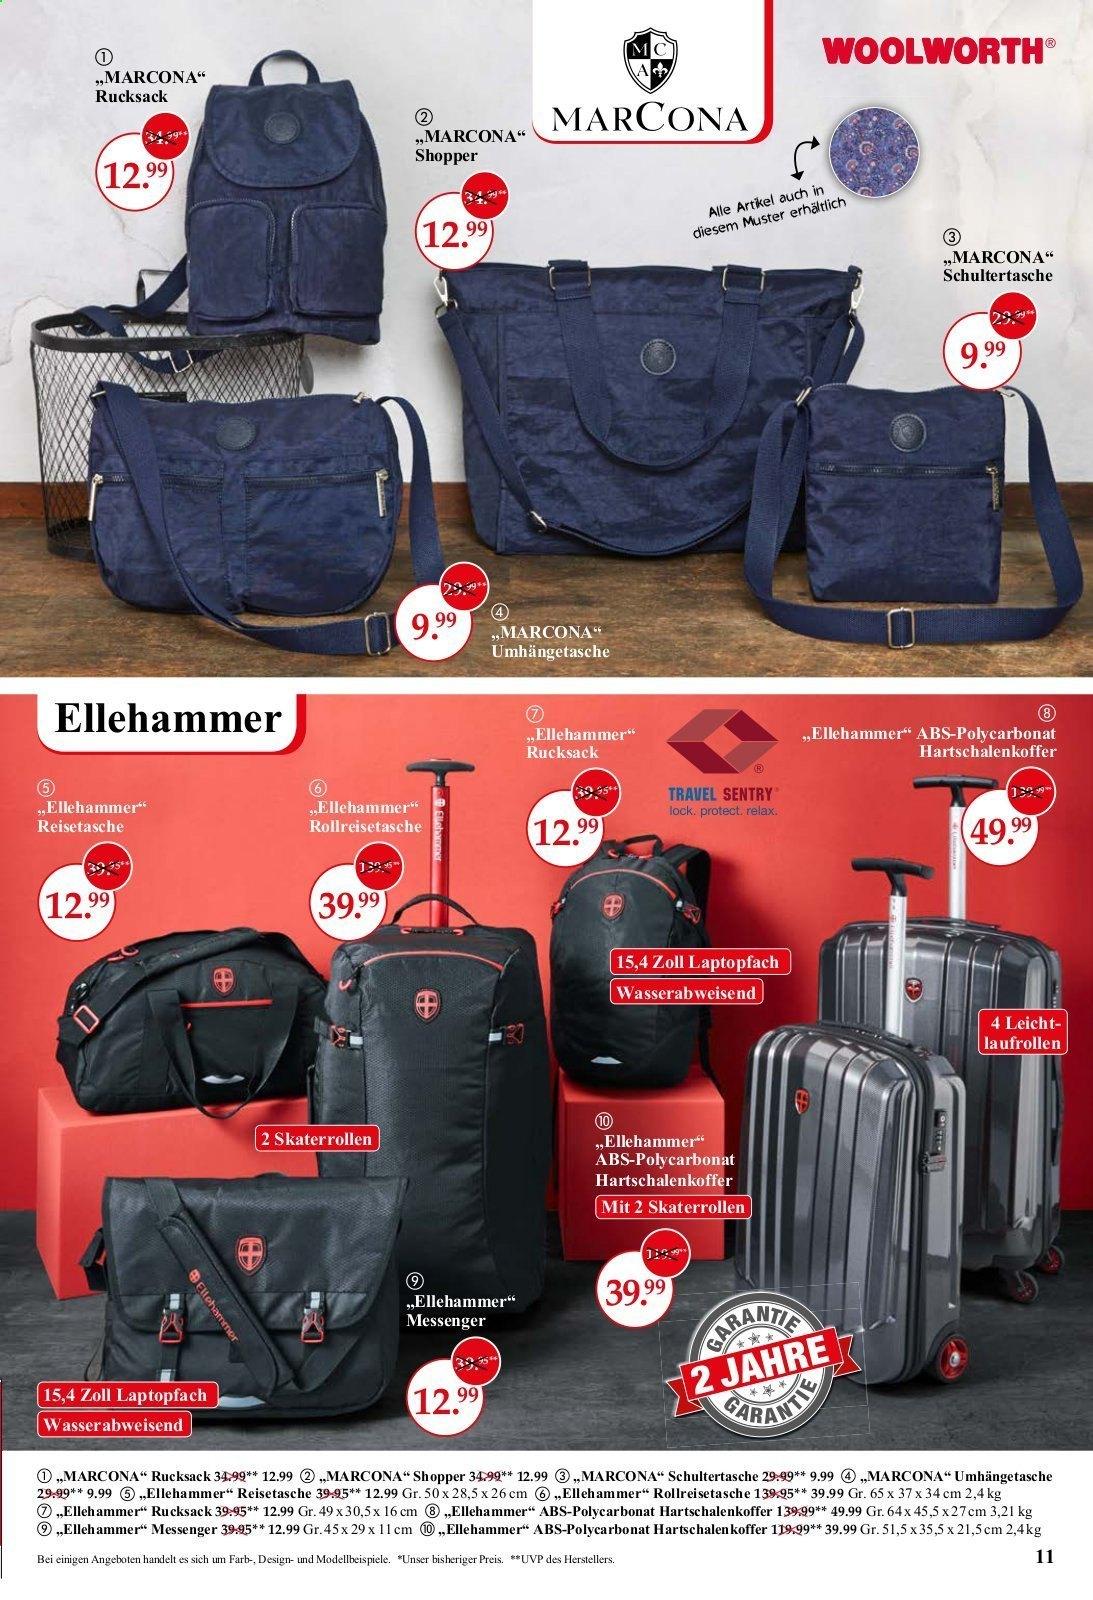 ( Woolworth ) Ellehammer ABS-Polycarbonat Hartschalenkoffer,Rollreisetaschen,Messenger,..